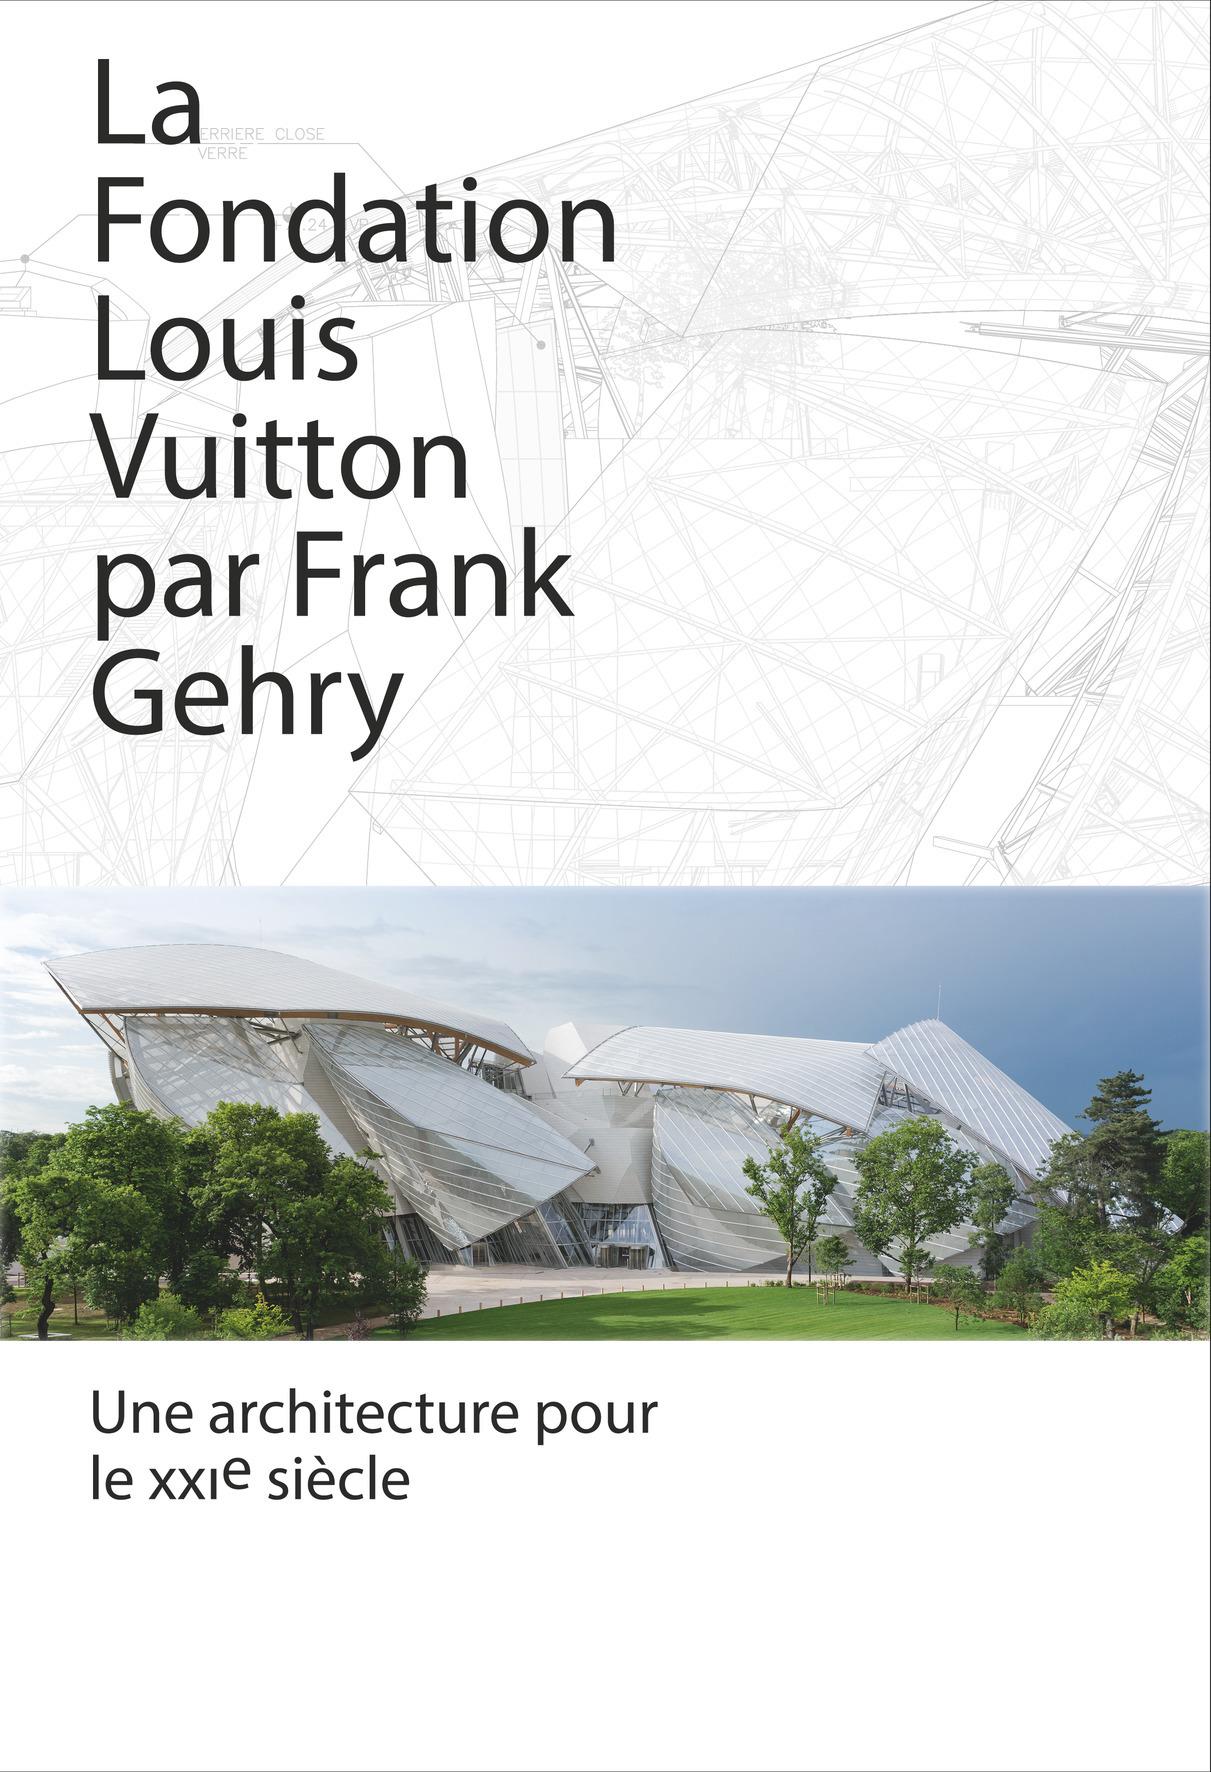 LA FONDATION LOUIS VUITTON PAR FRANK GEHRY